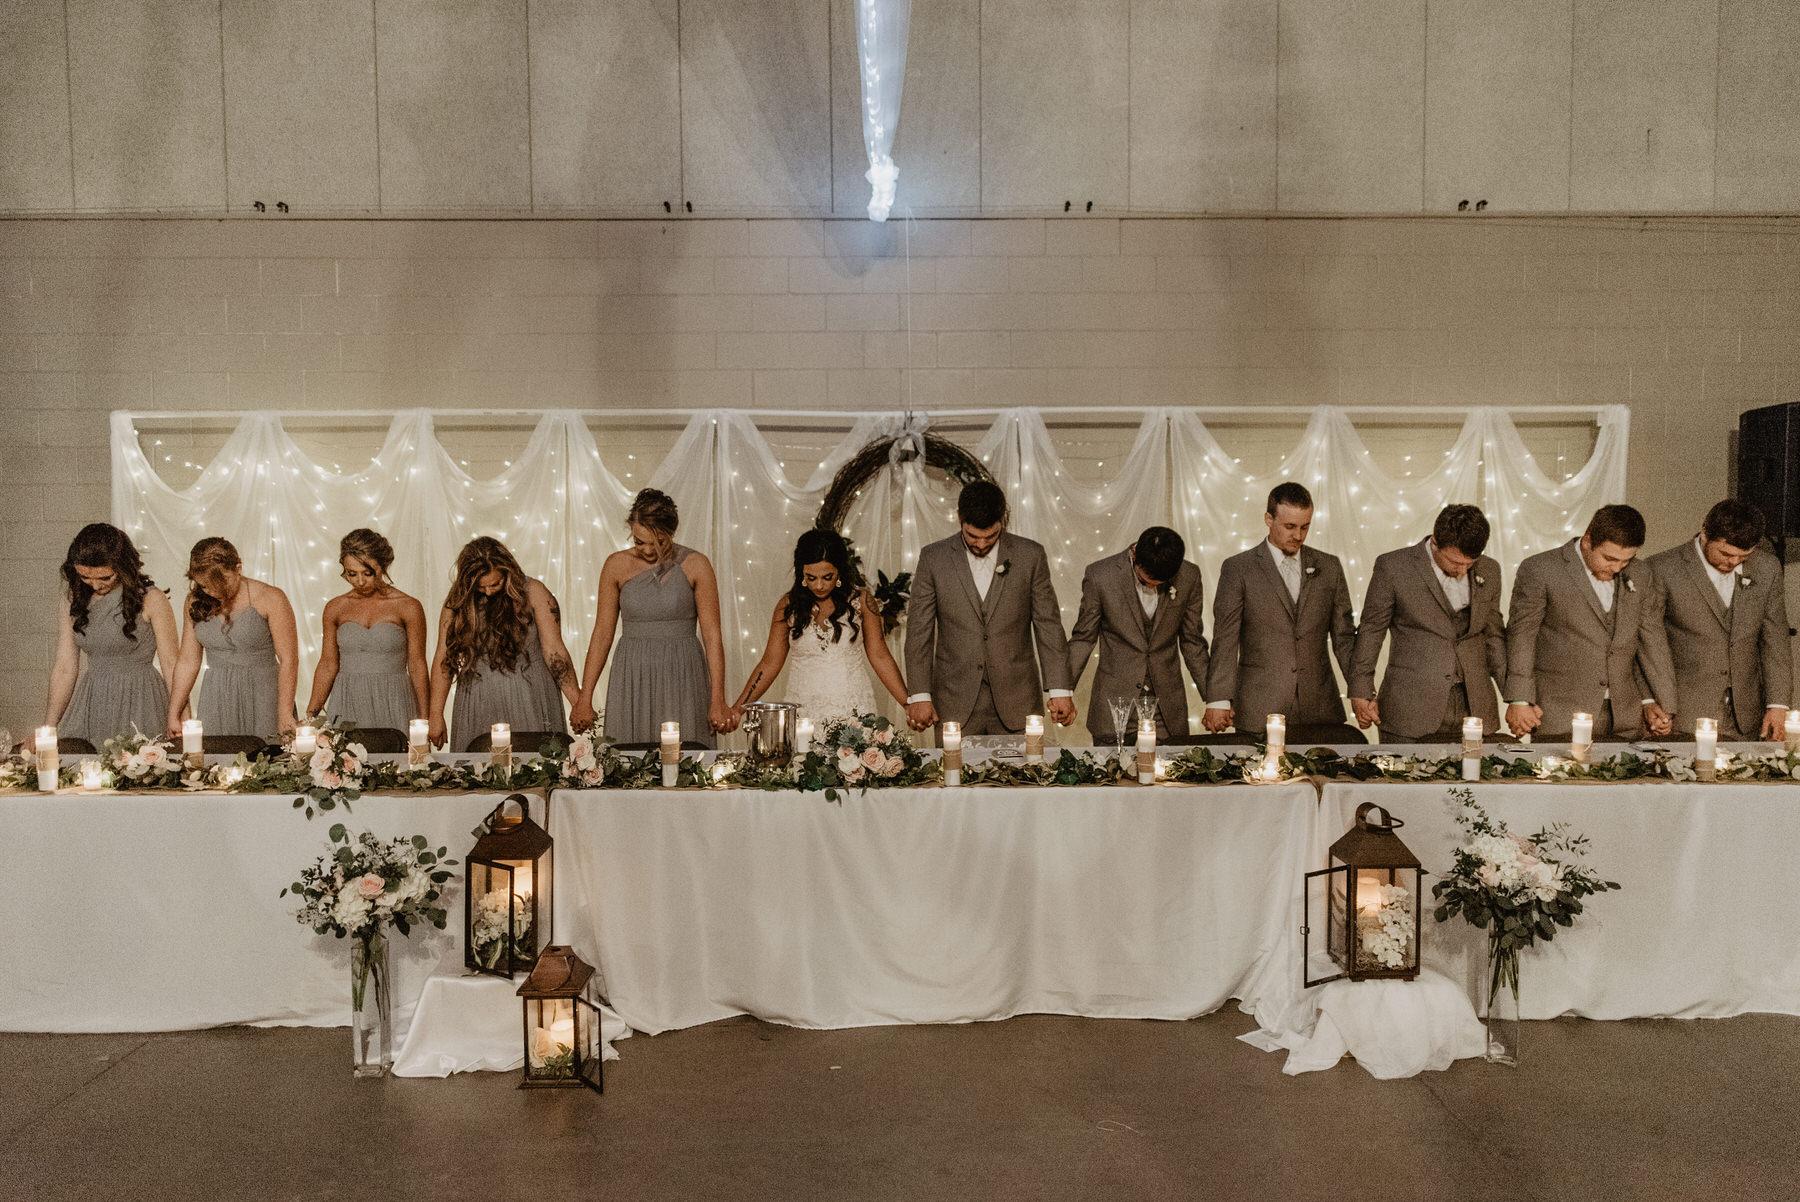 Kaylie-Sirek-Photography-Kearney-Nebraska-Wedding-105.jpg